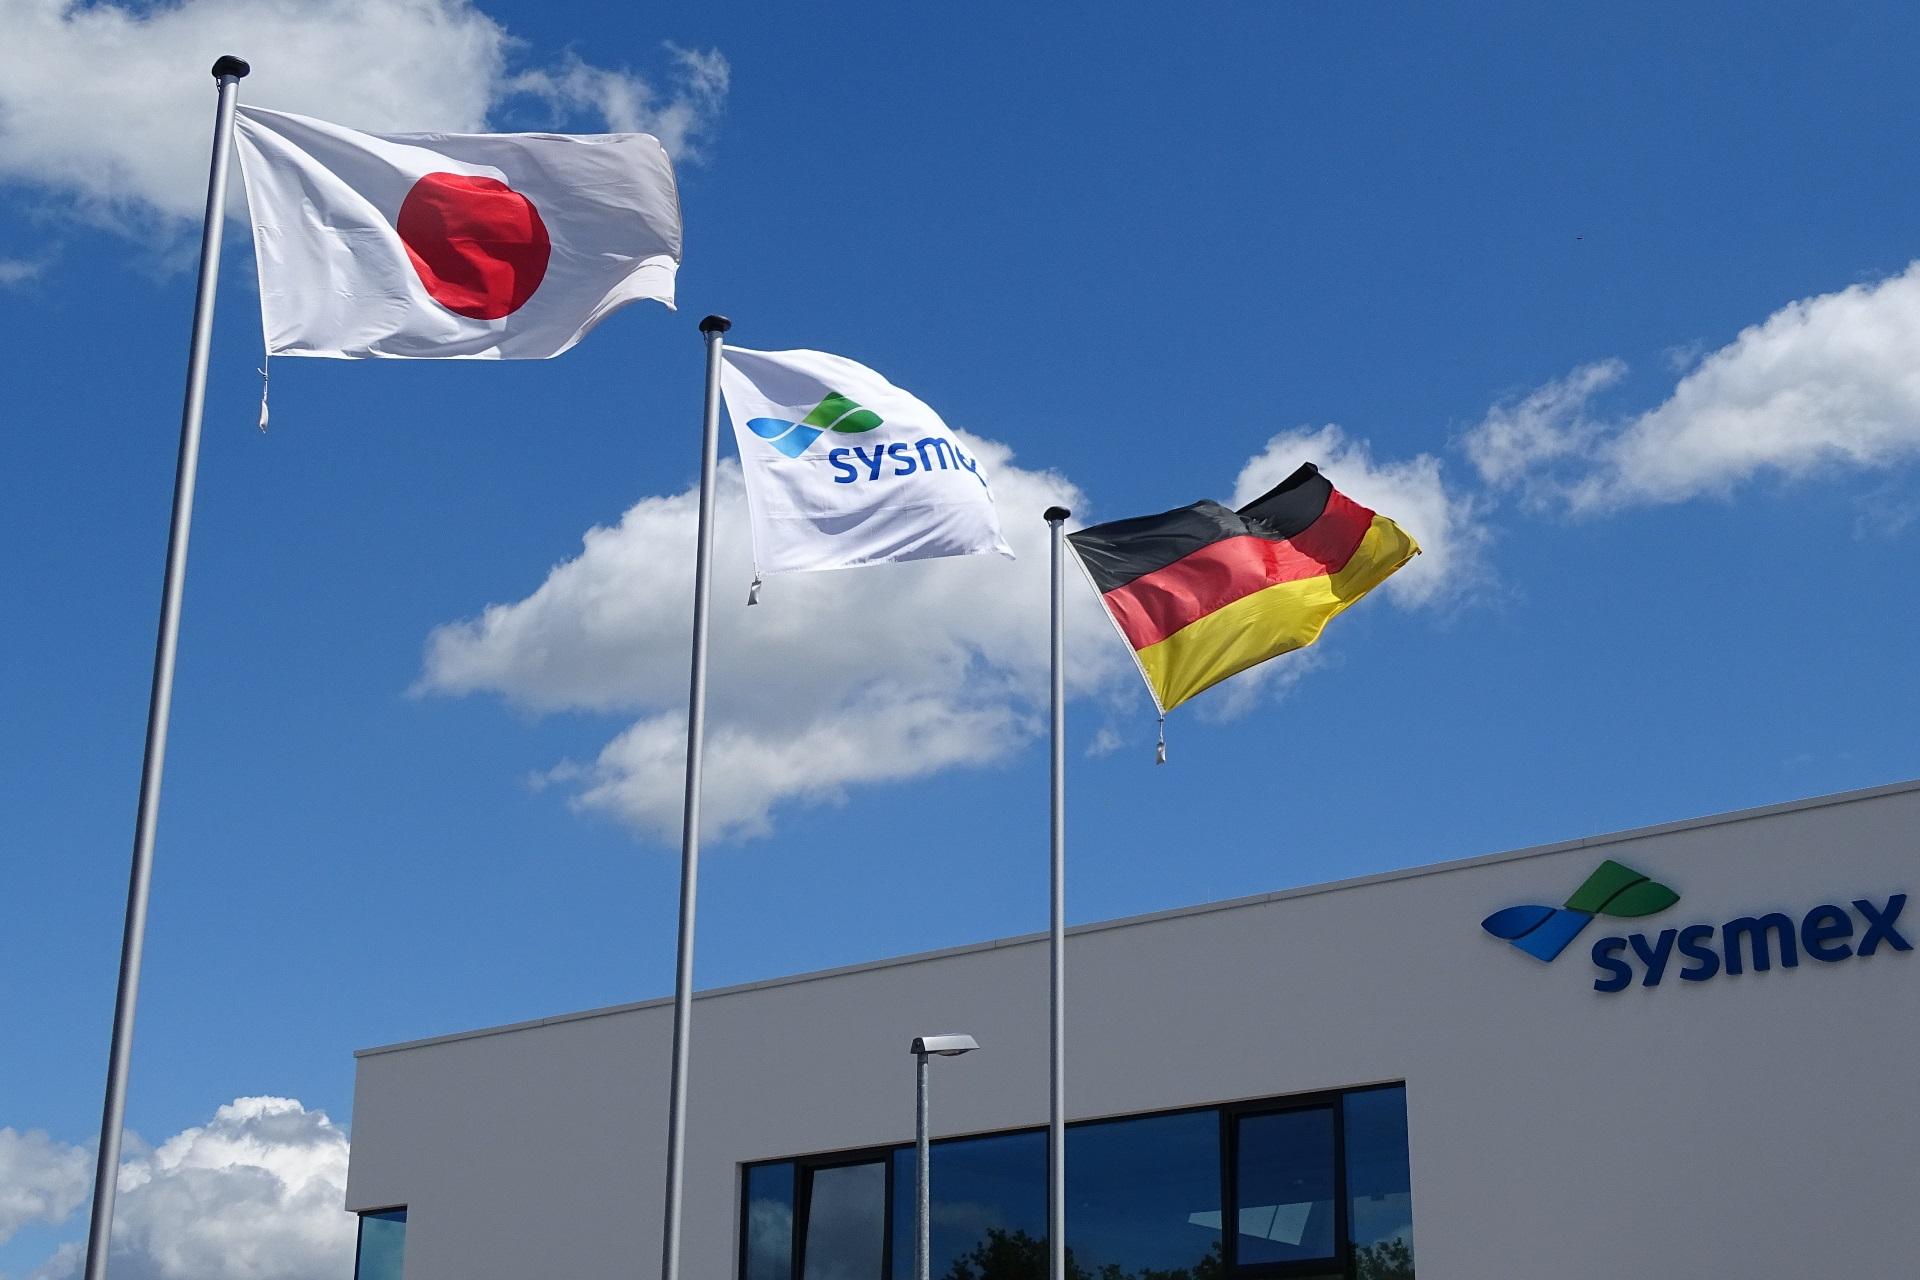 シスメックス・ヨーロッパ社の欧州進出35周年及びノイミュンスター工場拡張記念式典への出席